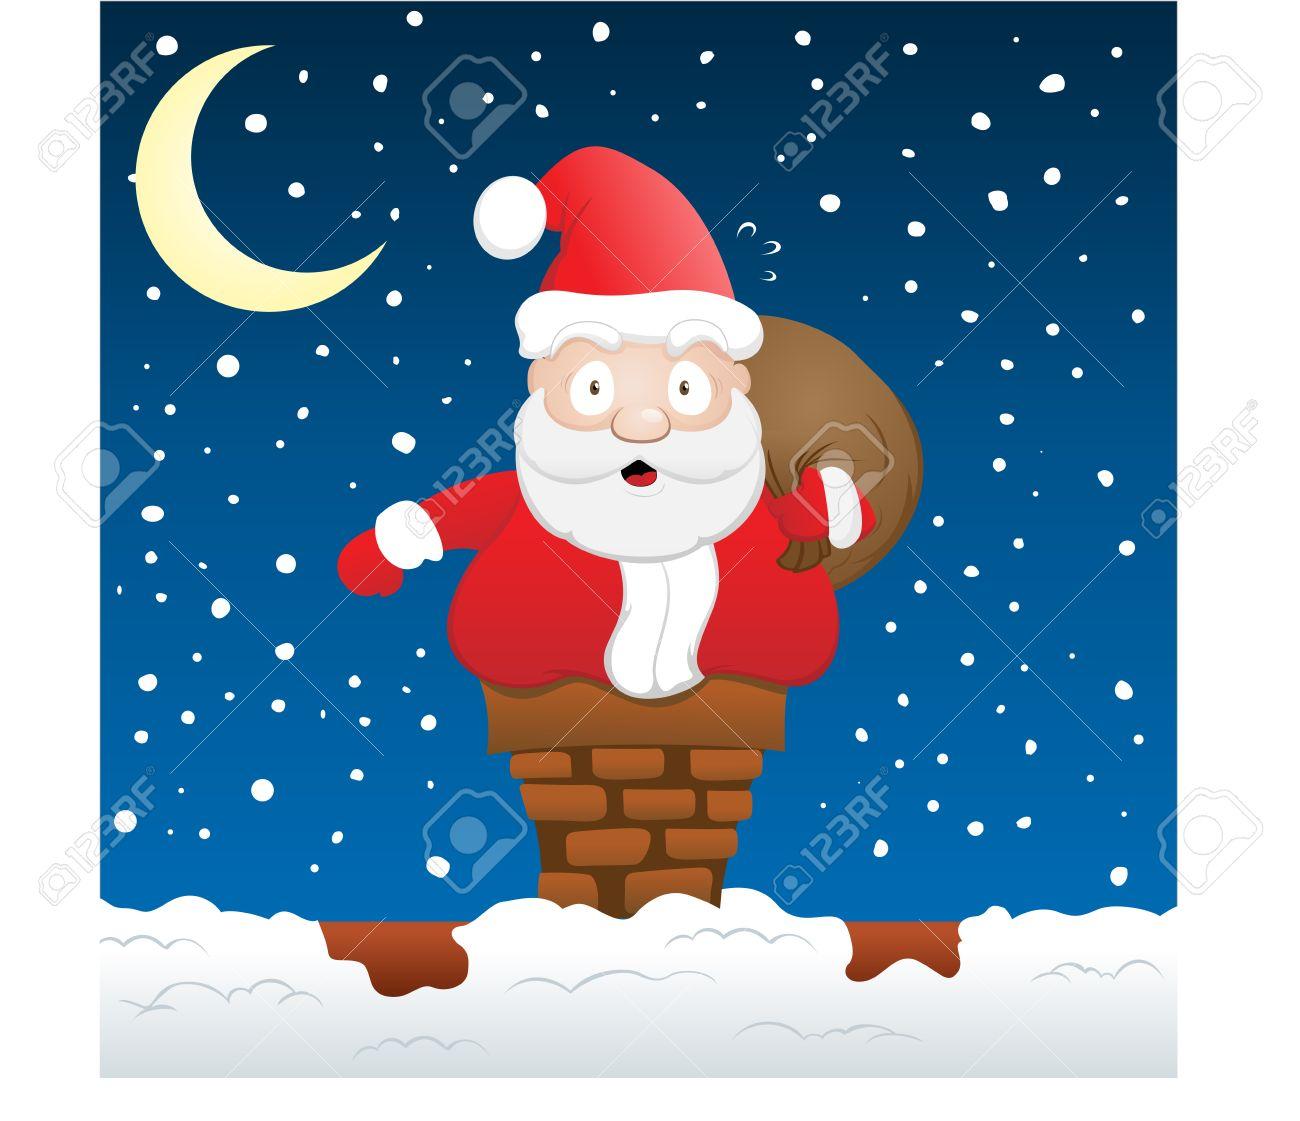 Santa Stuck on Chimney Stock Vector - 7915440